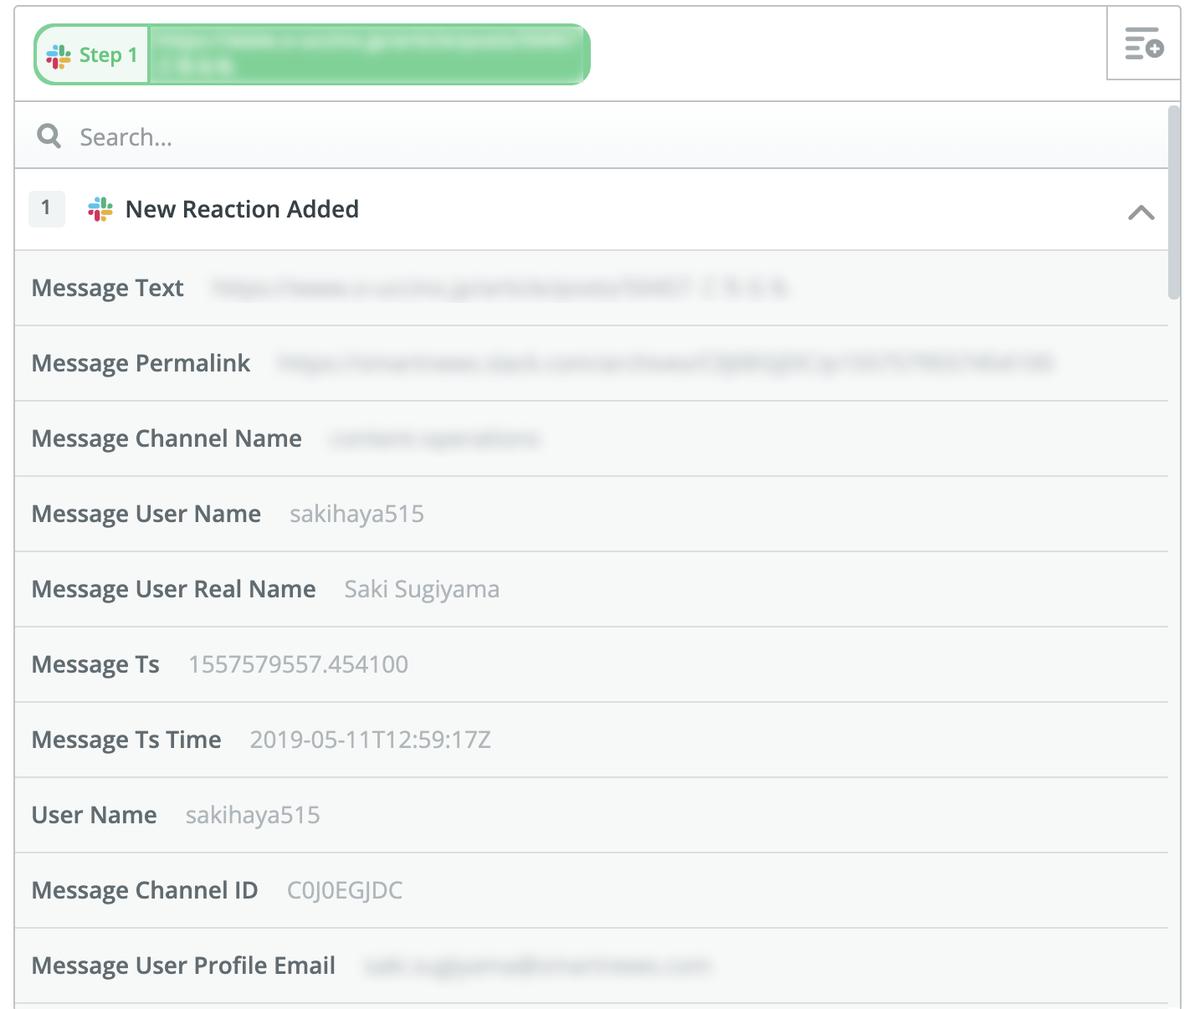 Slackからさまざまな情報を自動的に取得してレコードに入力できます。ここまでぽちぽち選ぶだけ。とても簡単